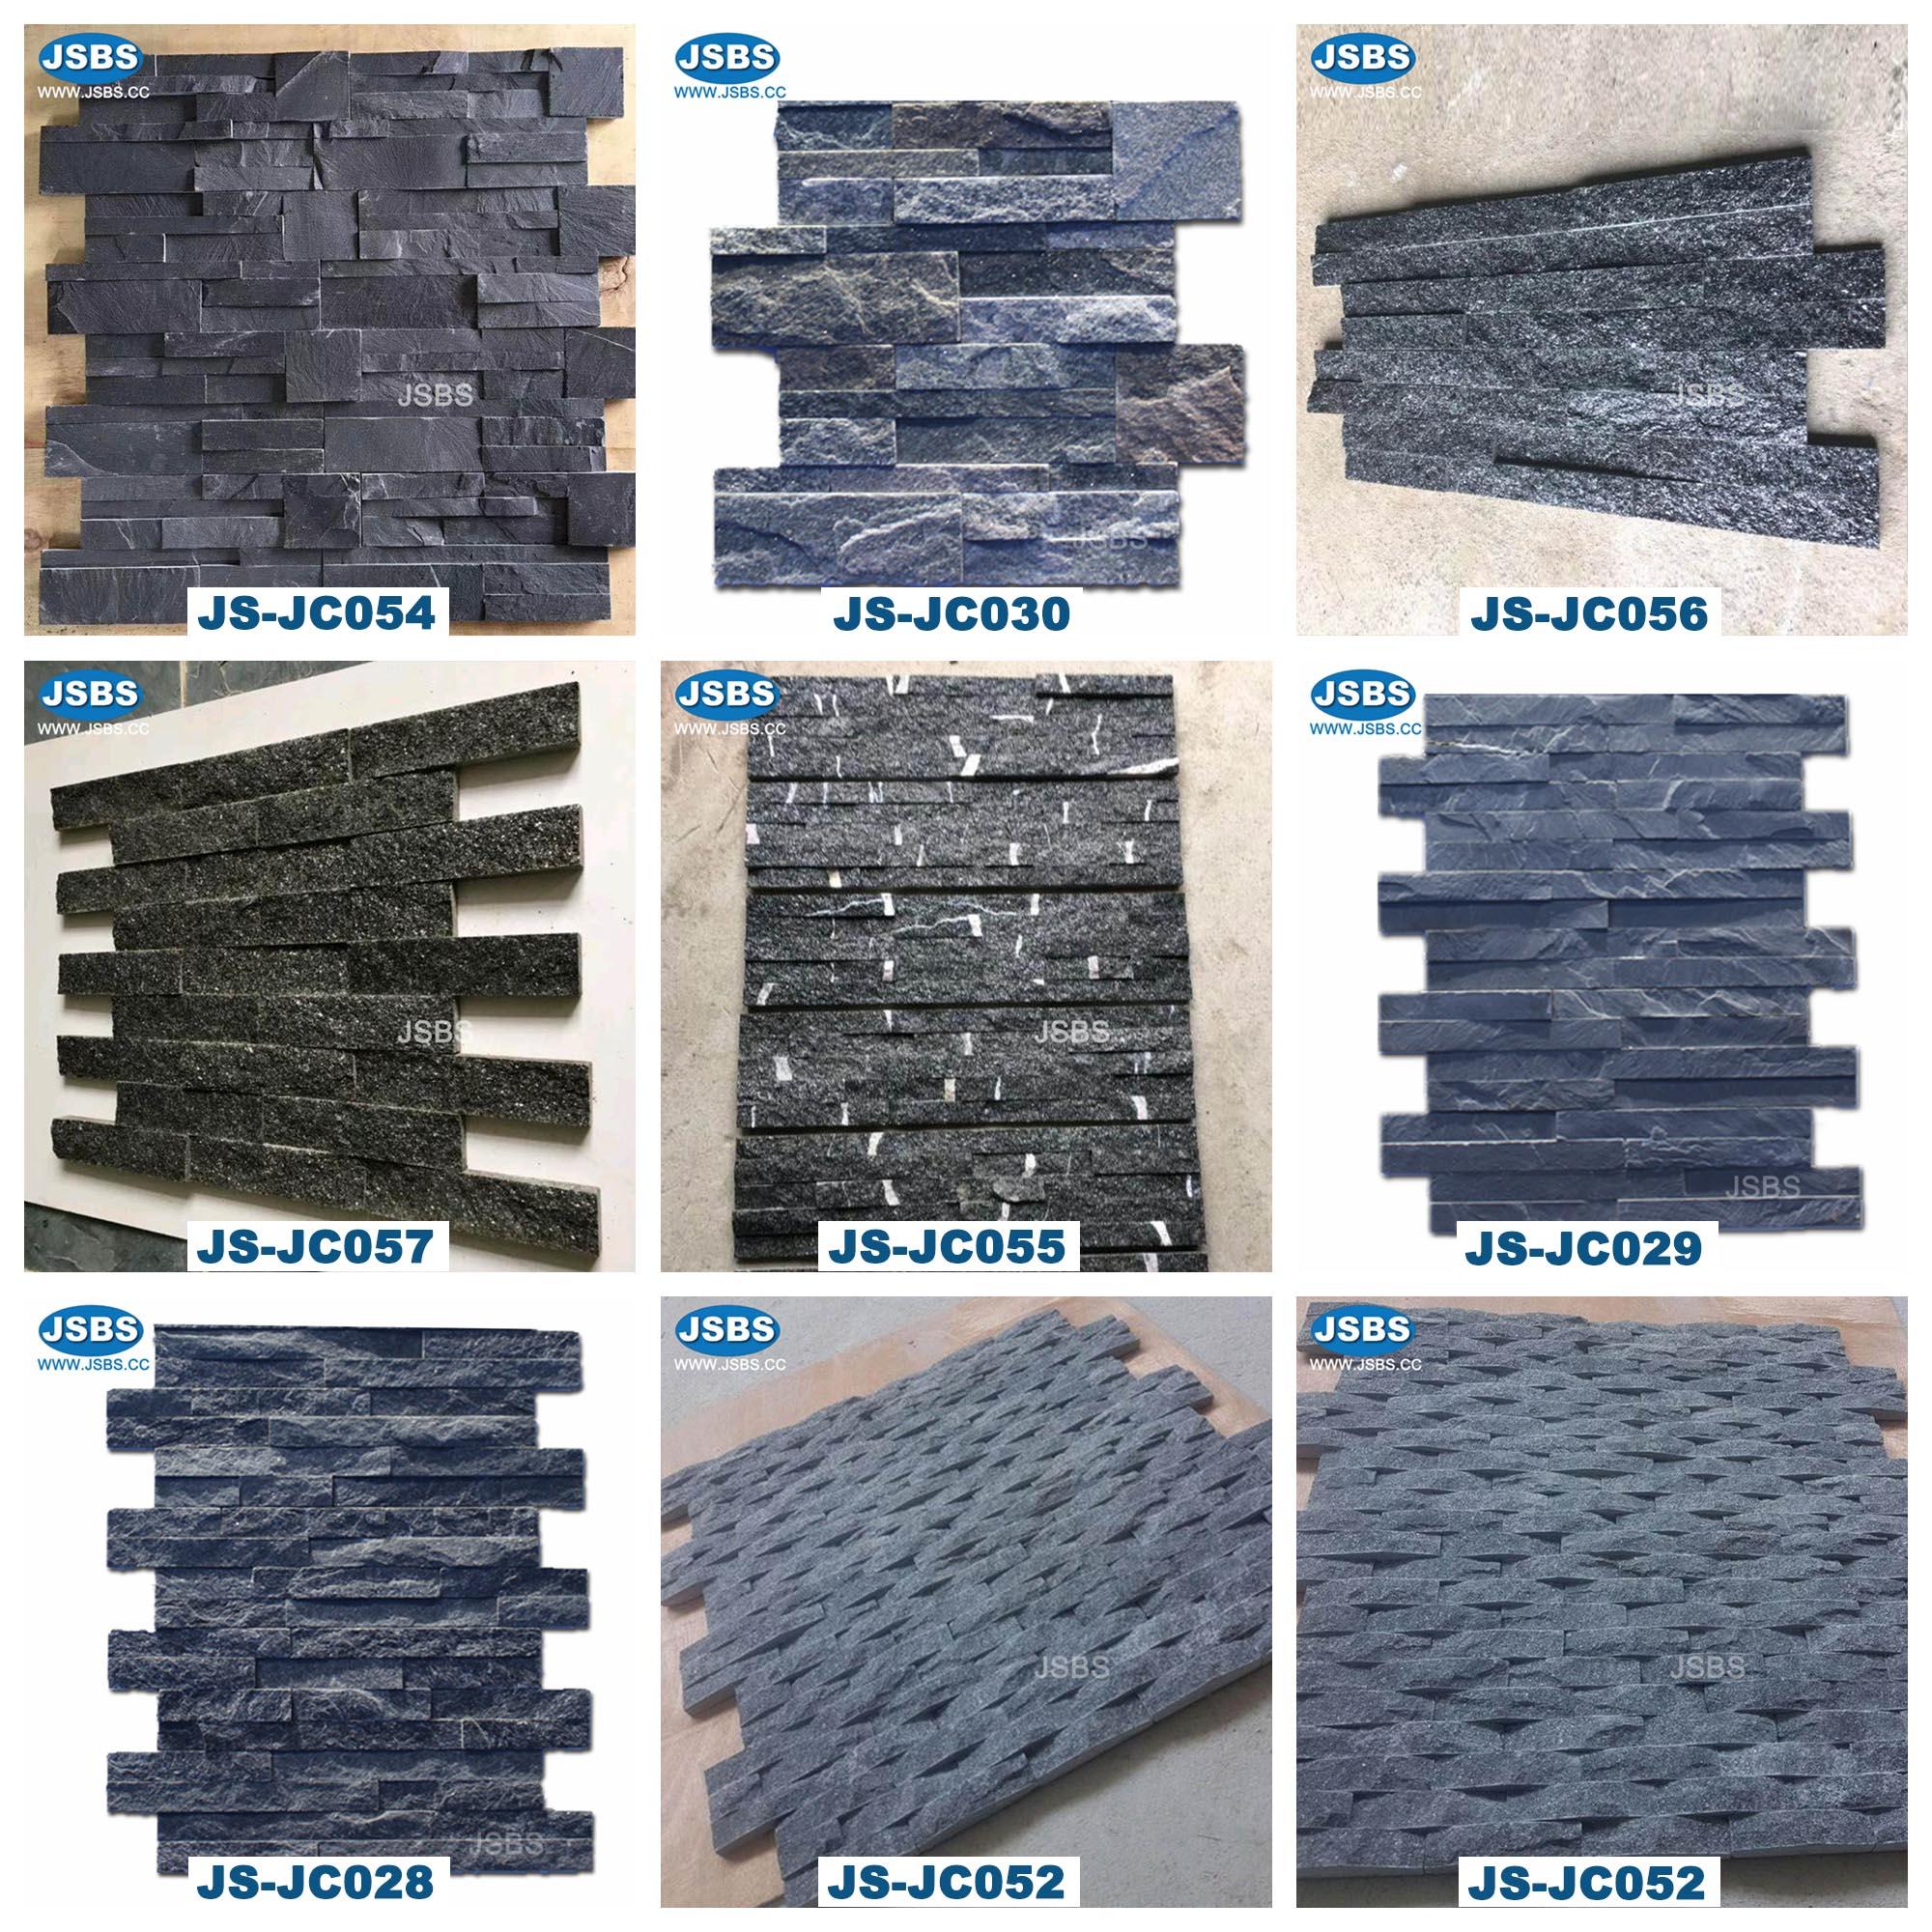 China Factory Wall Covering Natural Rusty Slate Stone Pieces - Buy Rusty  Slate Stone Pieces,Slate Waterfall Stone,Natural Stone Pieces Product on